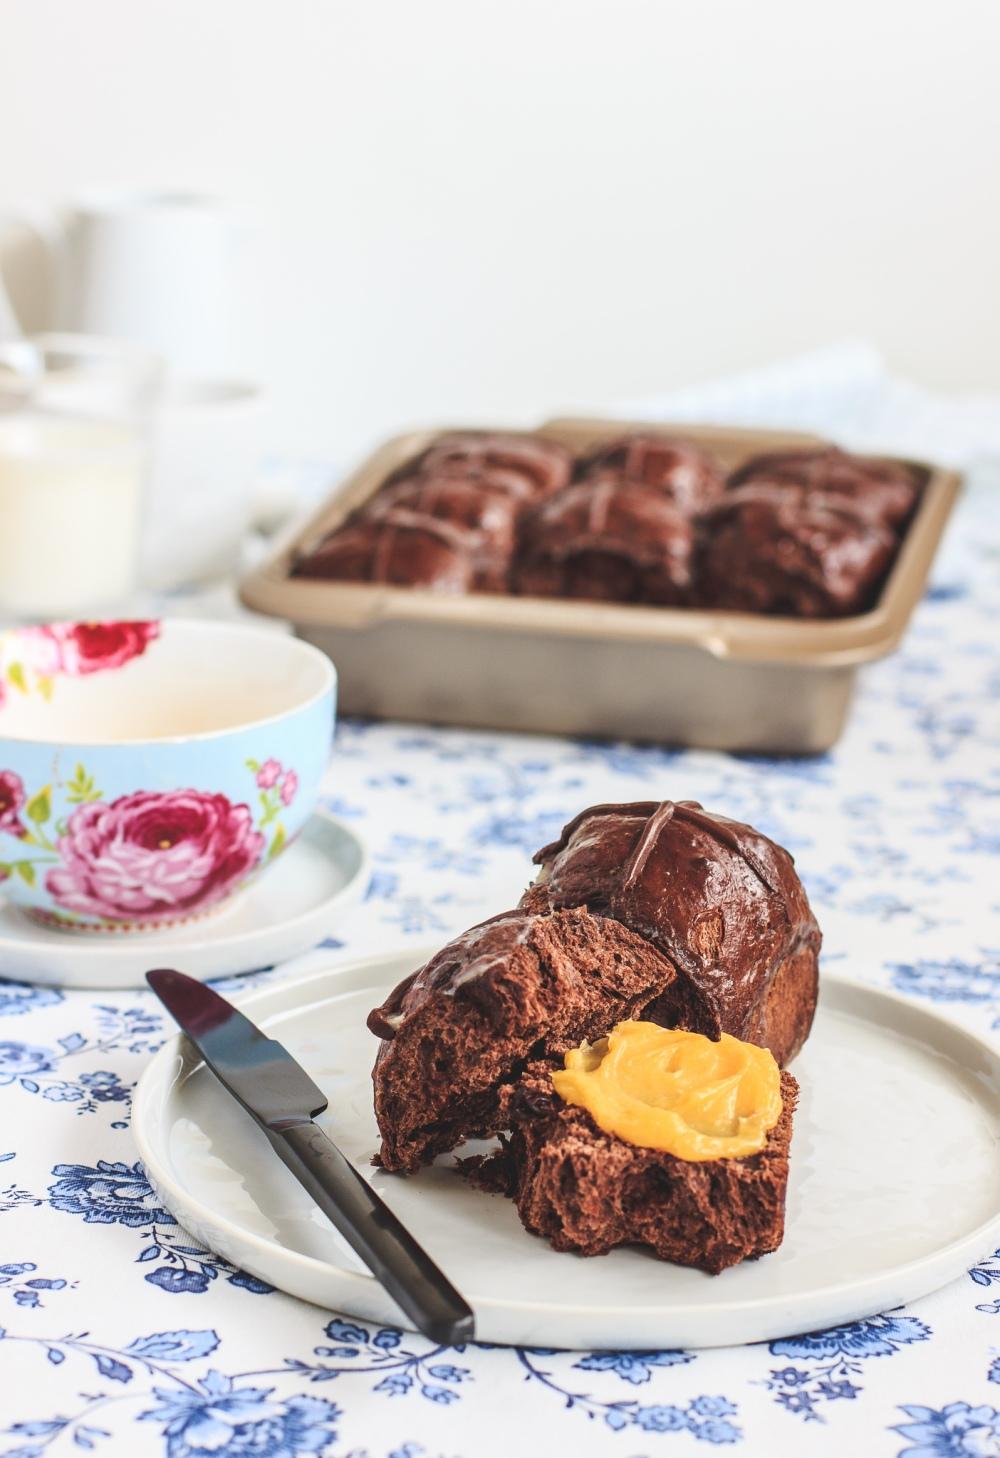 Čokoládové hot cross buns, velikonoční kynuté pečivo původem z Velké Británie.